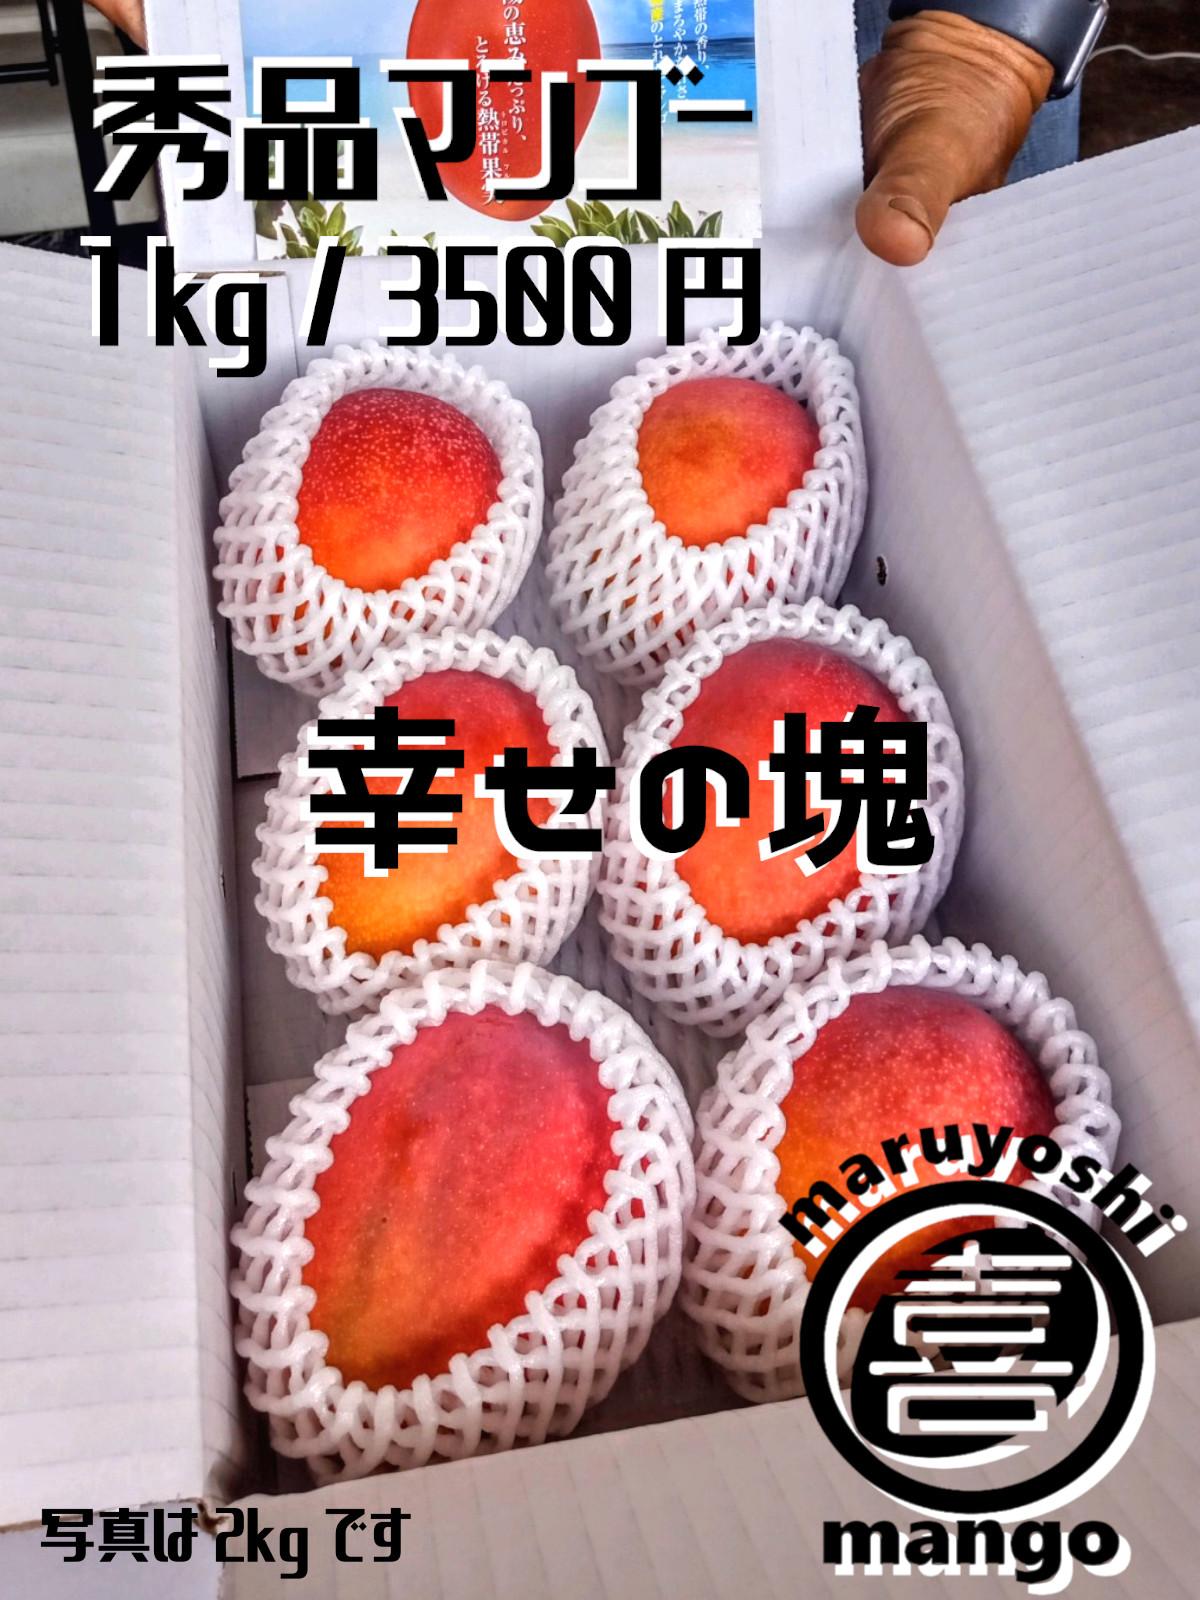 【家庭用】幸せの塊 マンゴー(アーウィン種) 1kg